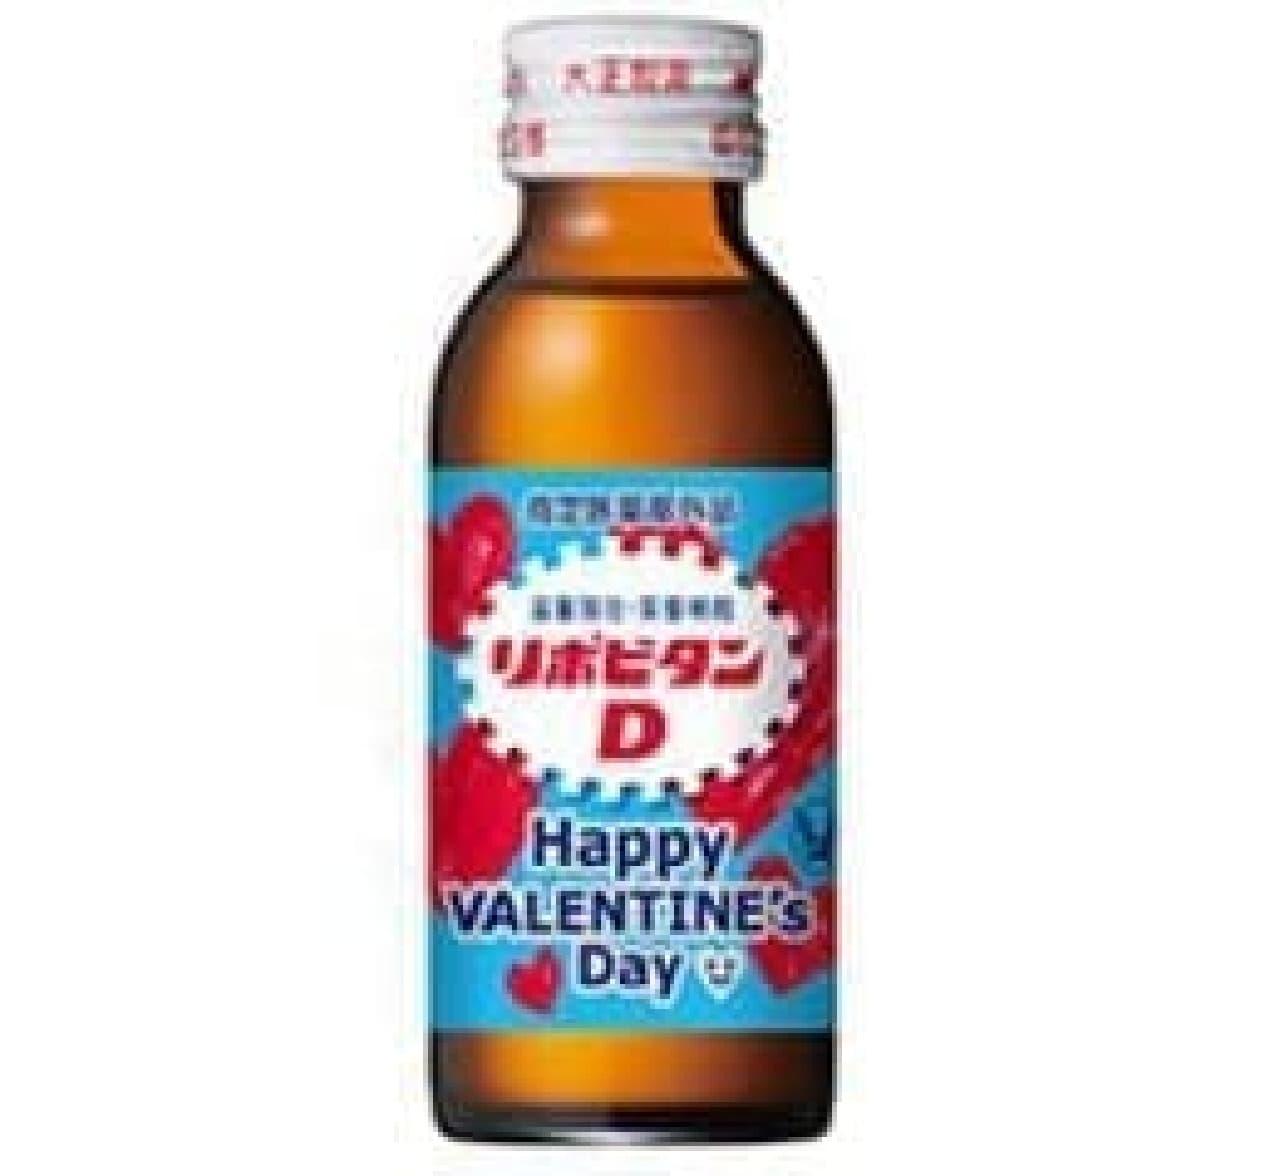 「リポビタンD バレンタイン限定ボトル」